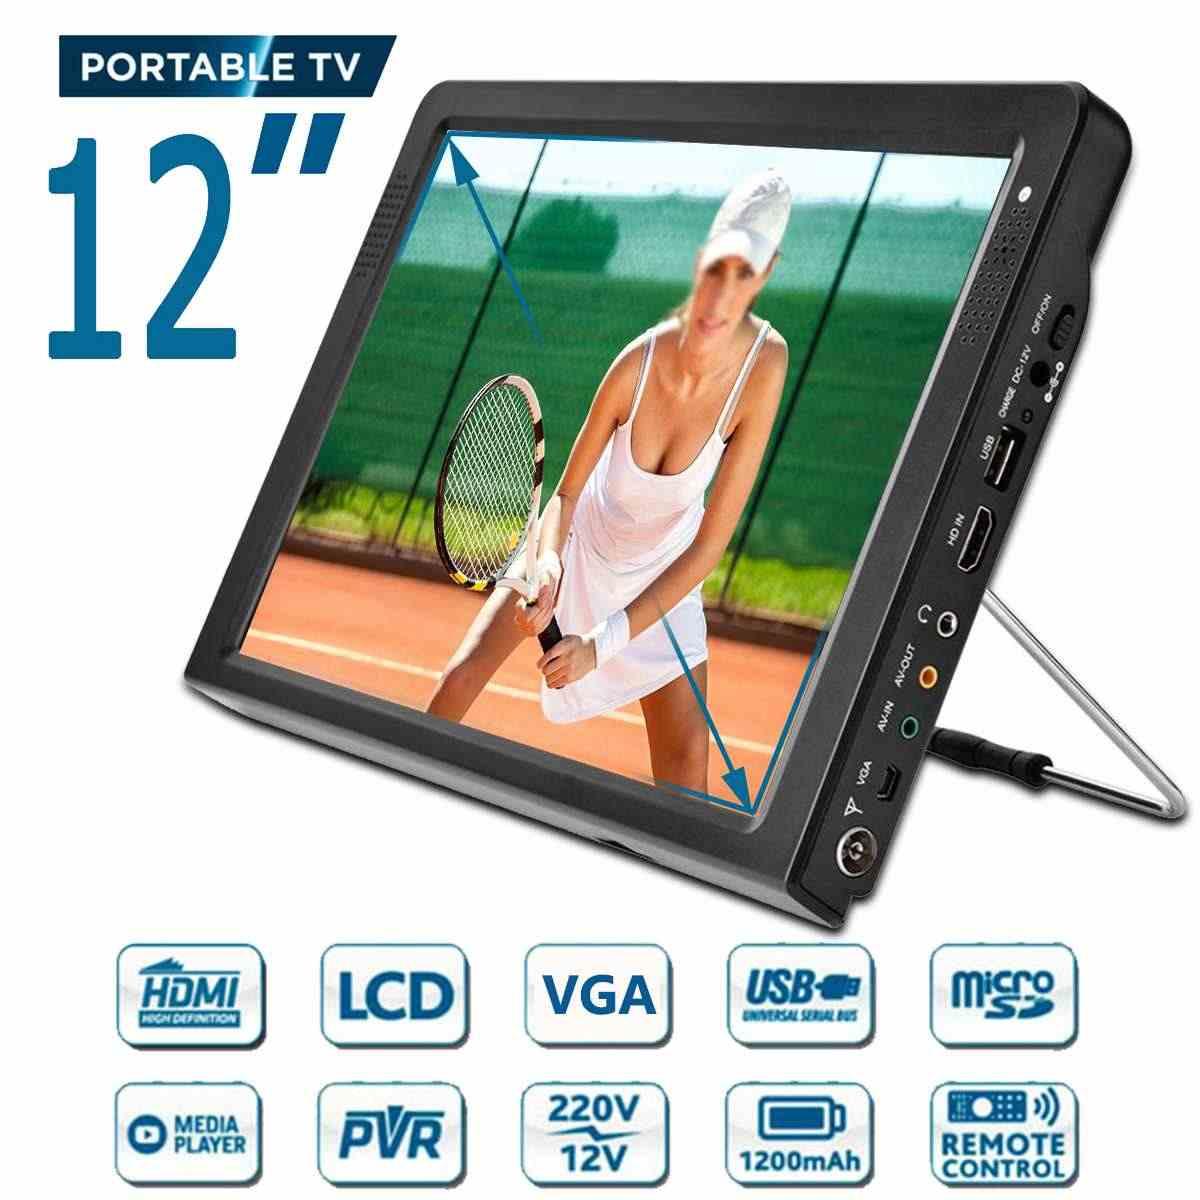 12 cali przenośny mini-cyfrowy kolorowy analogowy telewizor led DVB-T DVB-T2 akumulator odtwarzacz telewizyjny TFT-LED ekran ATSC/wejście hdmi